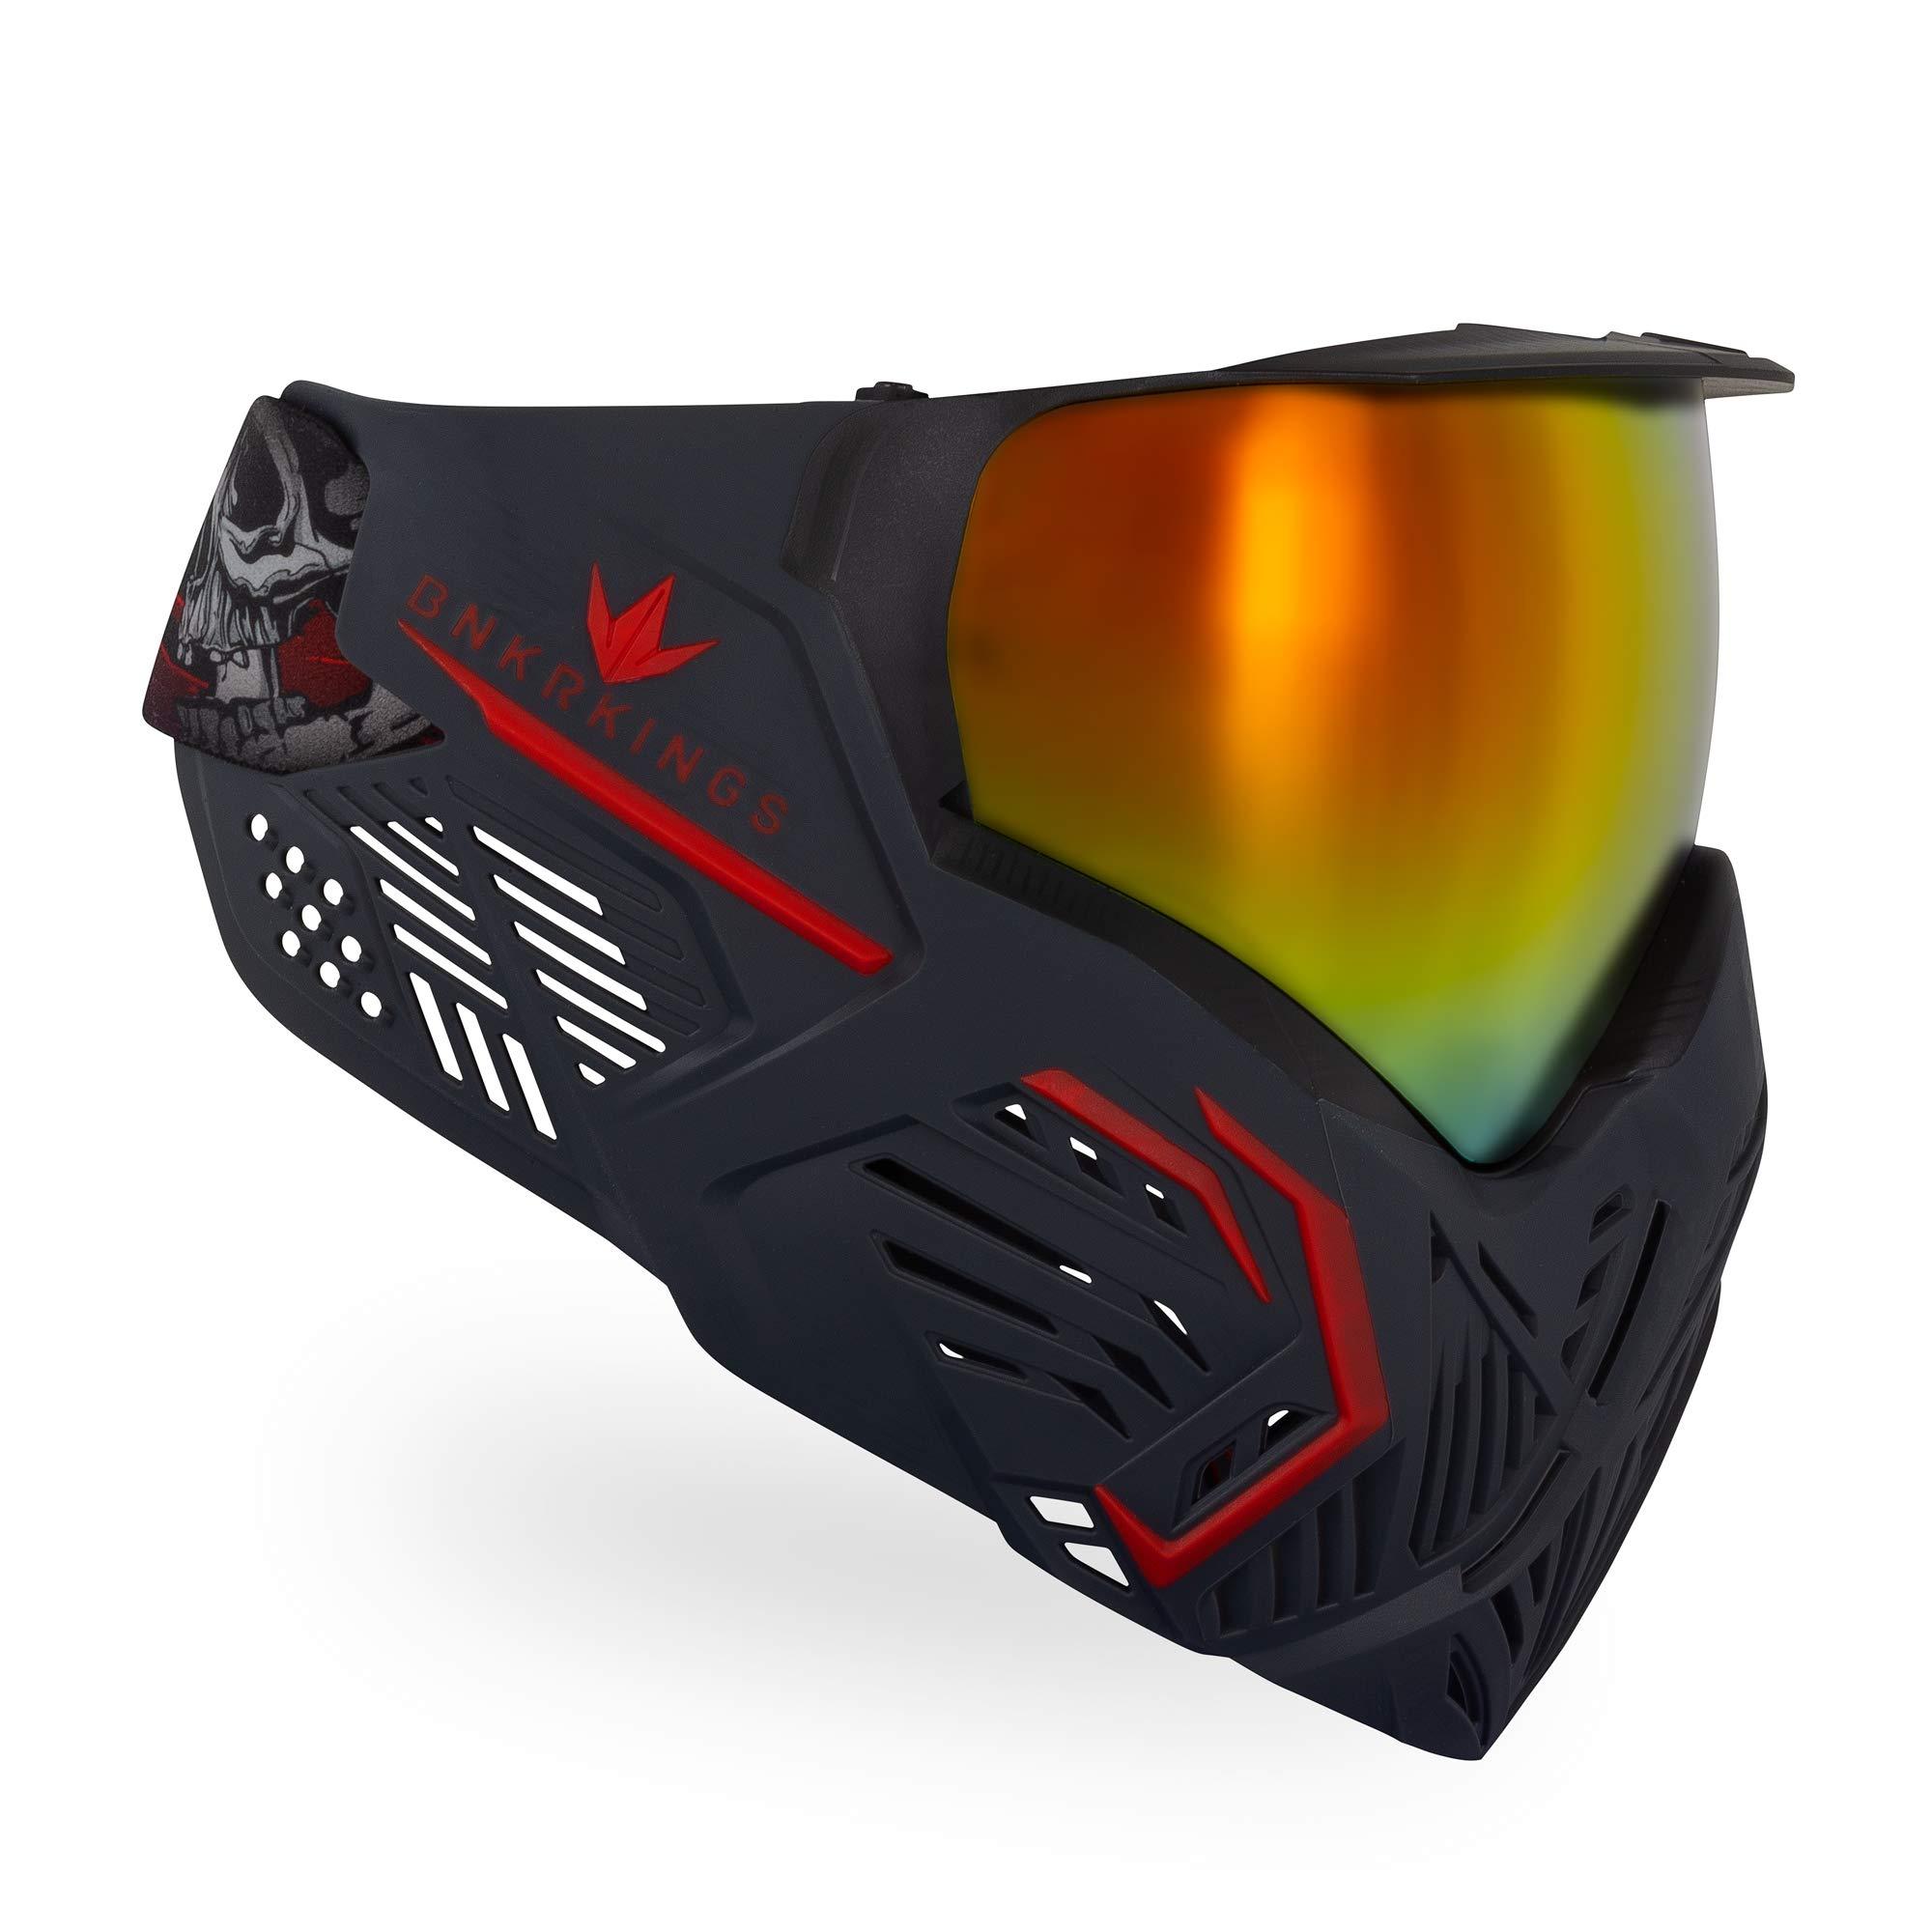 Bunker Kings CMD Paintball Goggle/Mask - Black Demon by Bnkr Kings